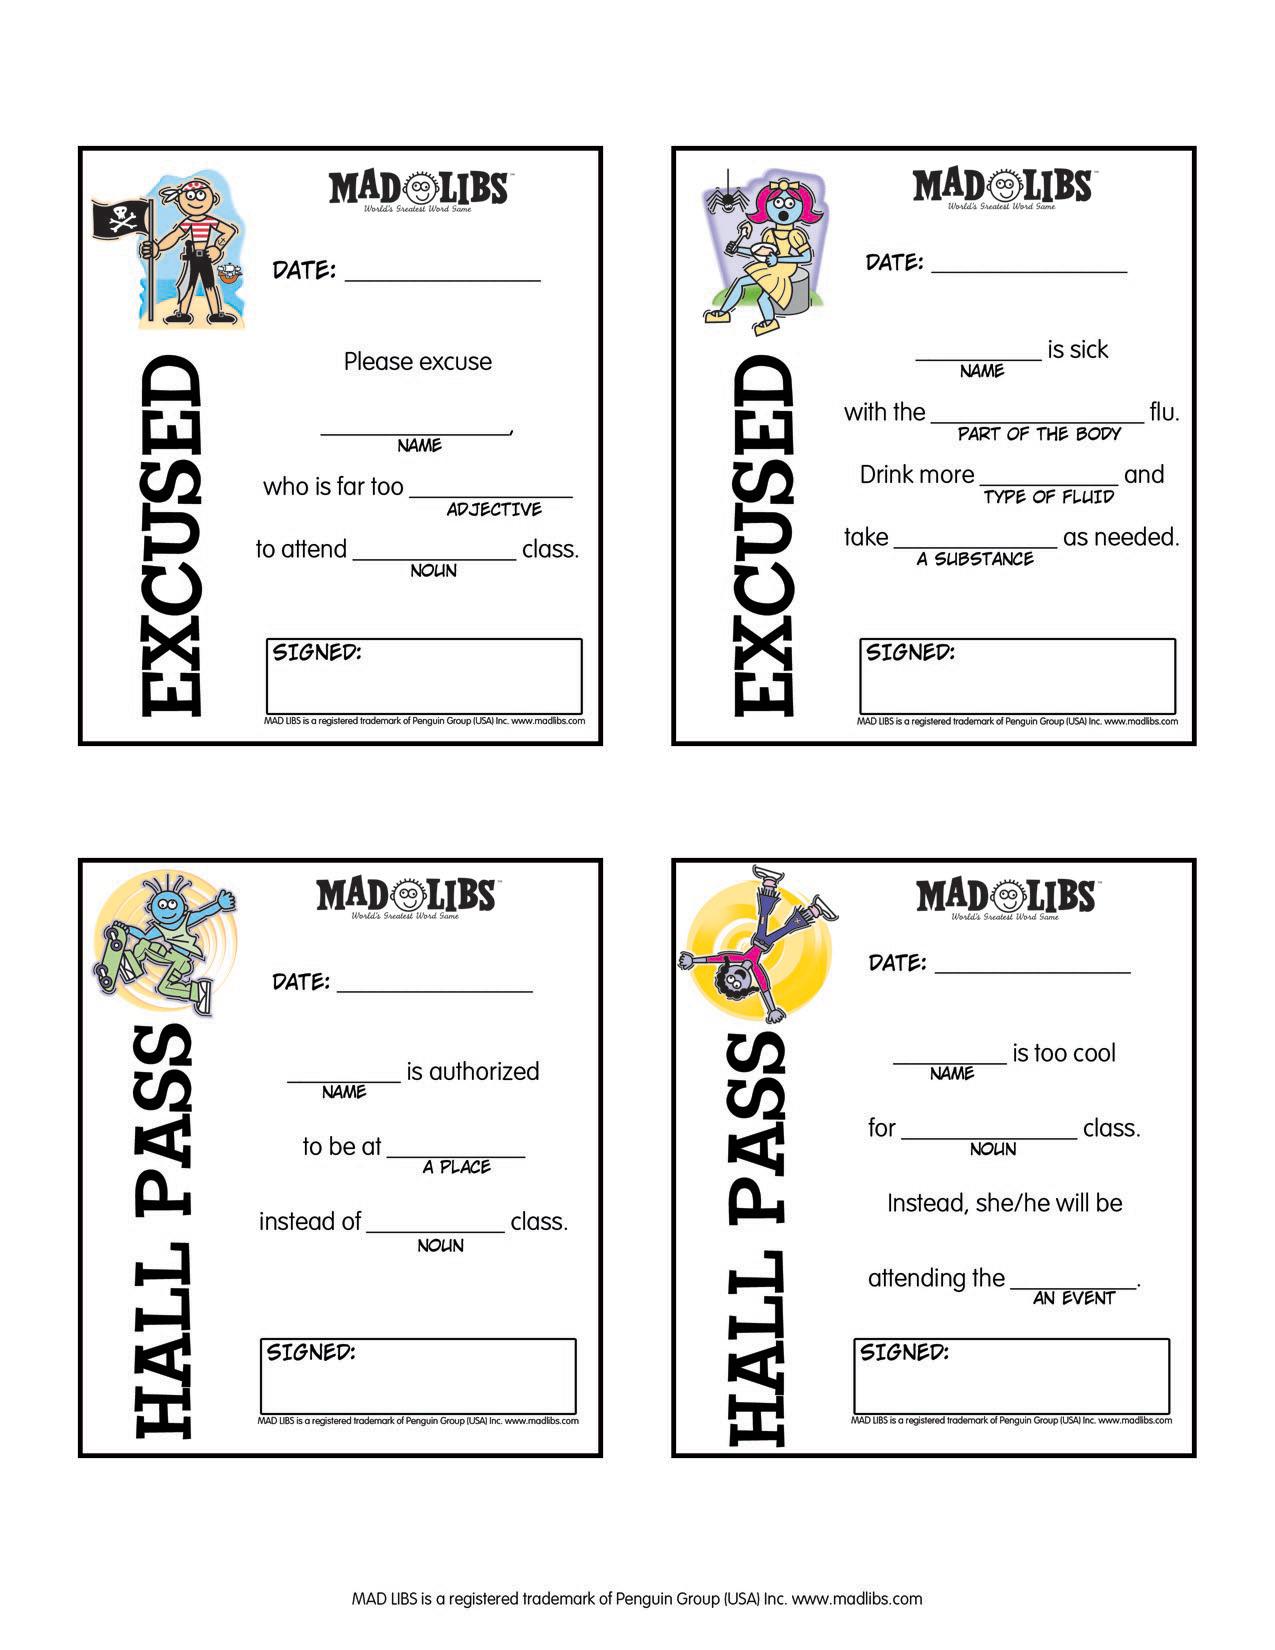 Printables – Mad Libs - Free Printable Hall Pass Template